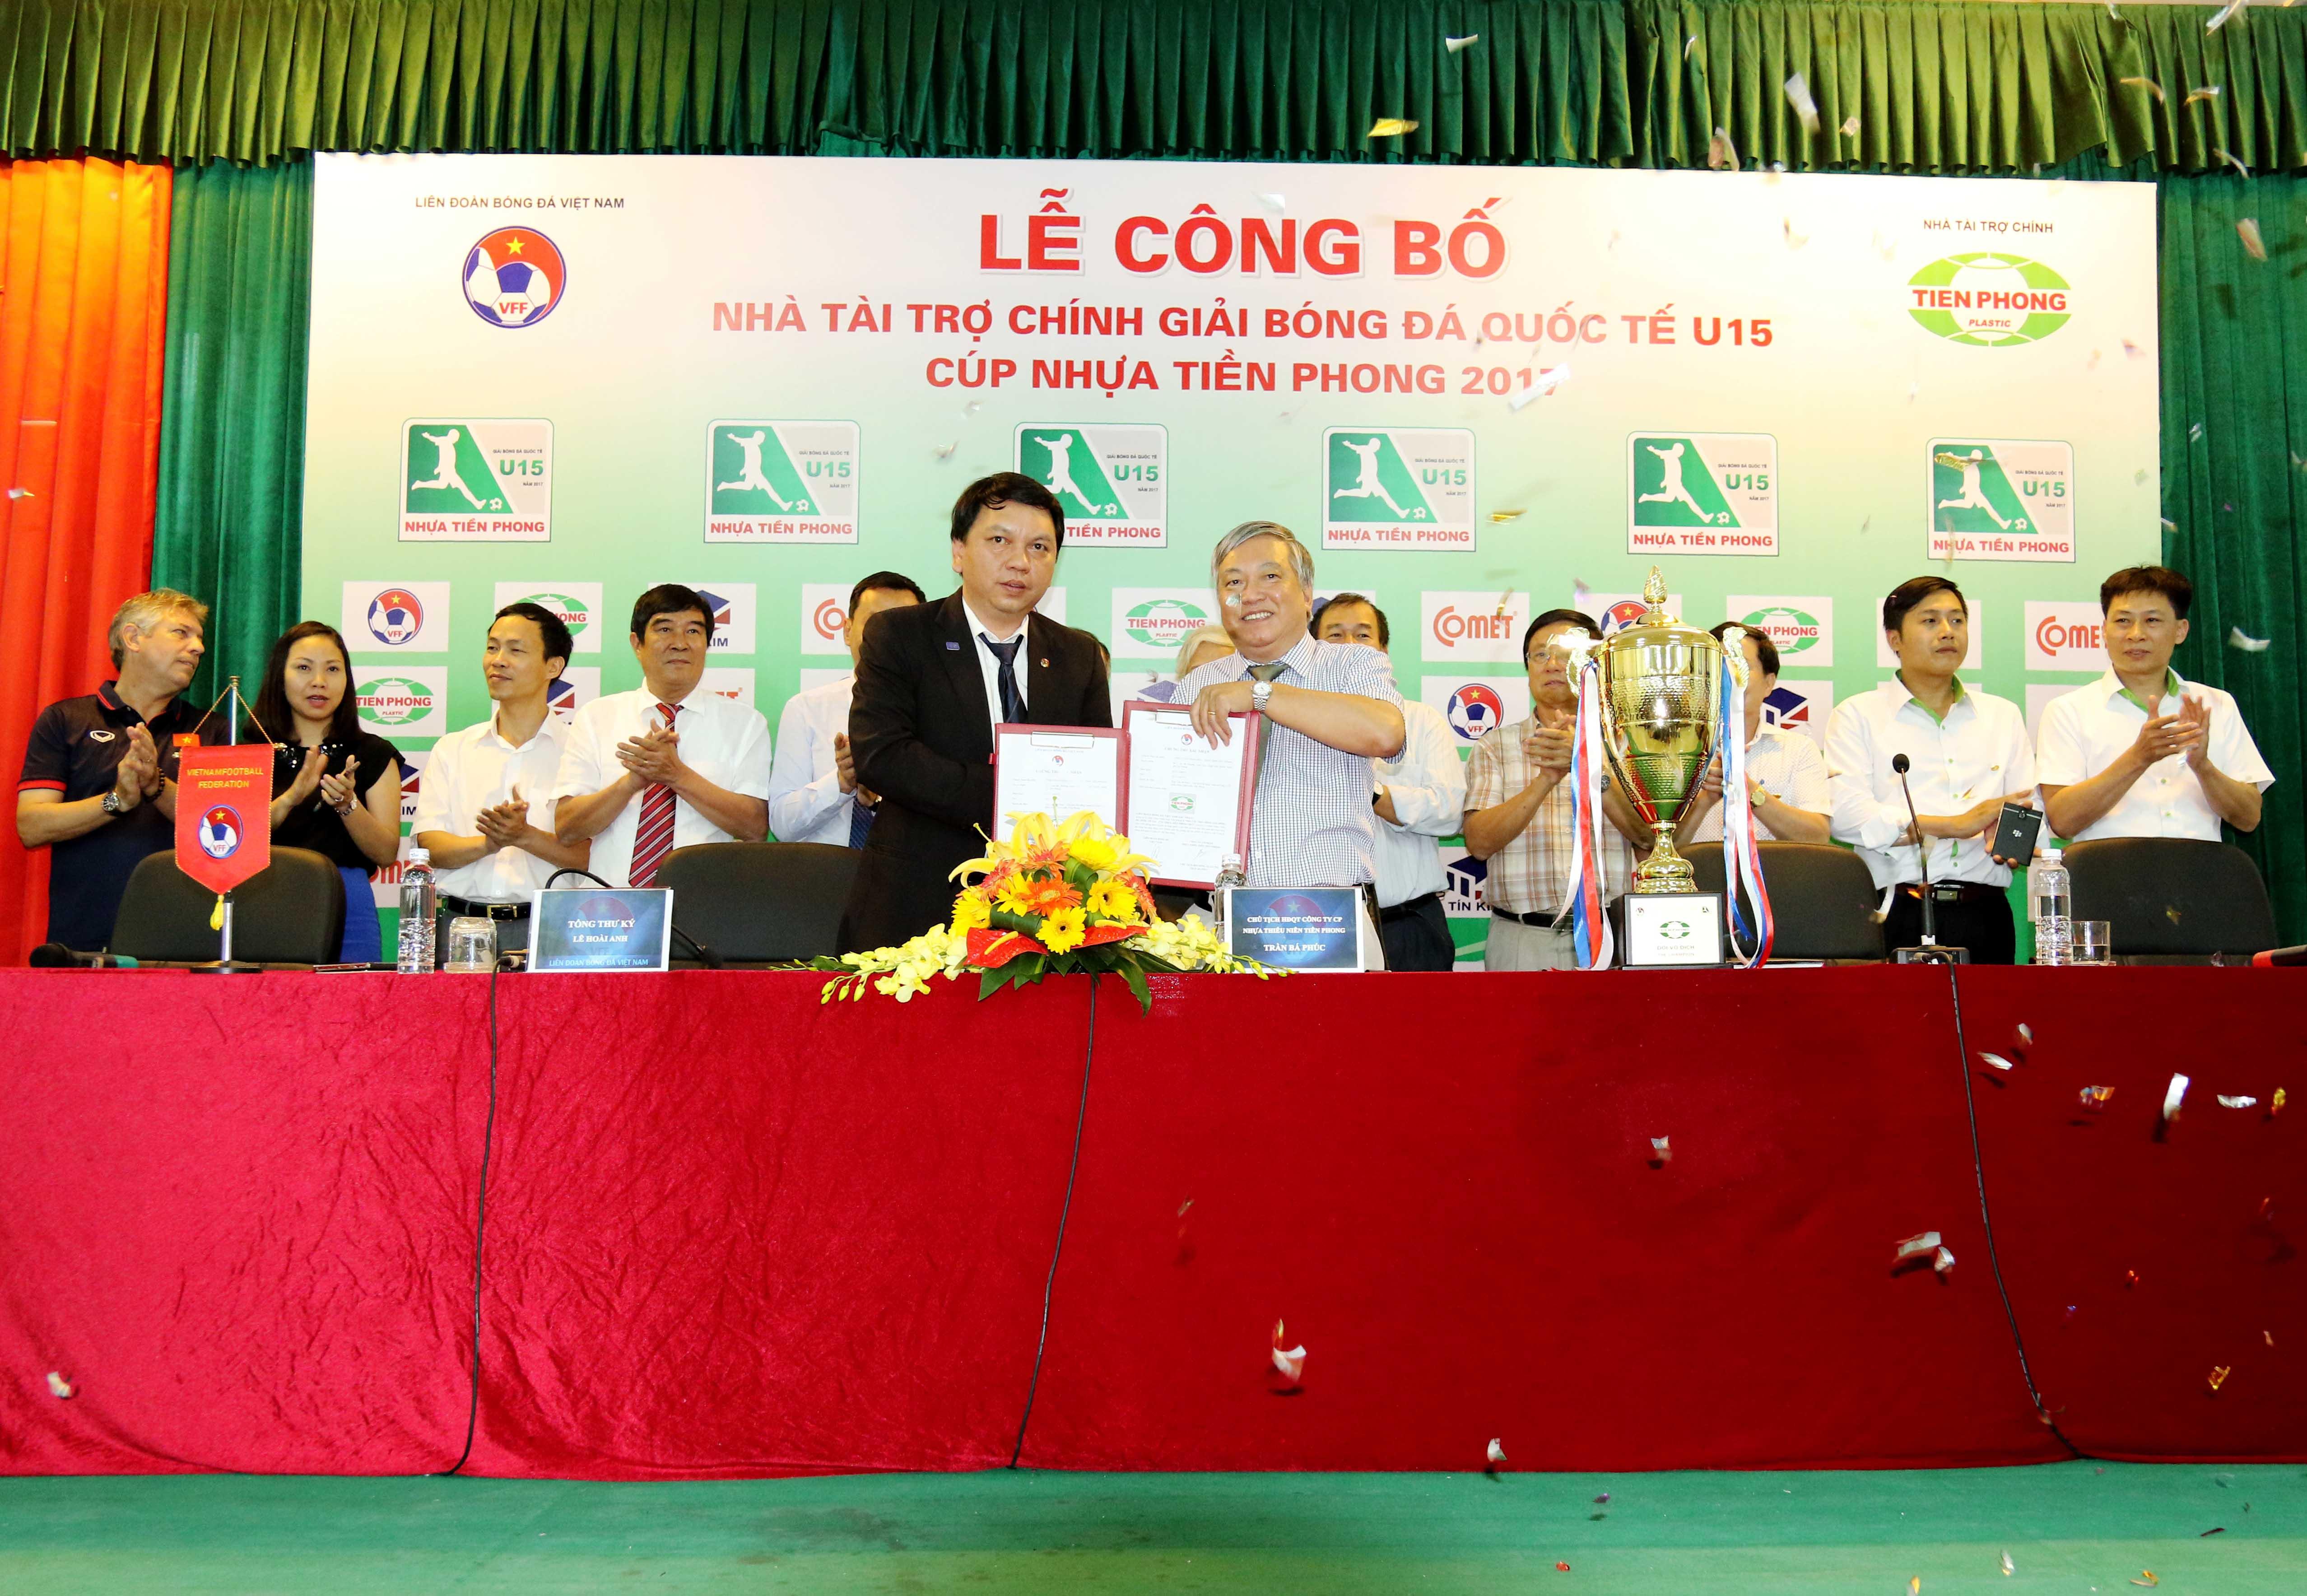 Lê công bố Nhà Tài Trợ chính giải Bóng đá Quốc Tế U15 - CÚP Nhựa Tiền Phong 2017